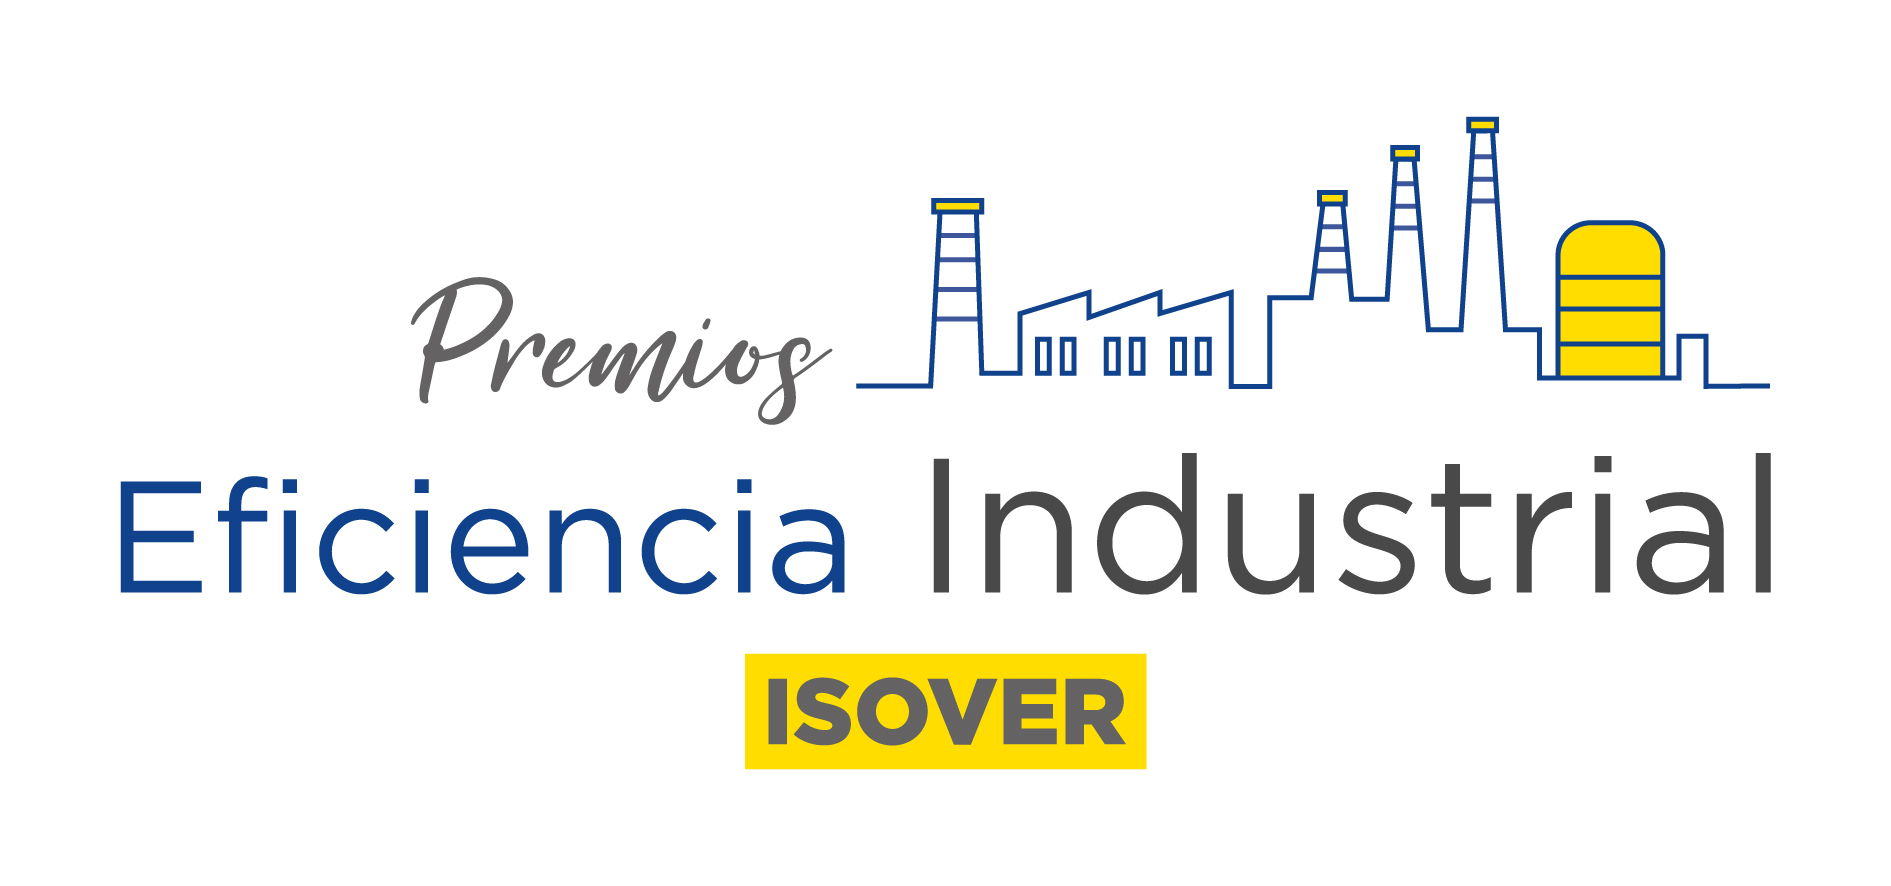 Premios de Eficiencia Industrial 2021 de ISOVER en colaboración con ENDESA y Highview Power